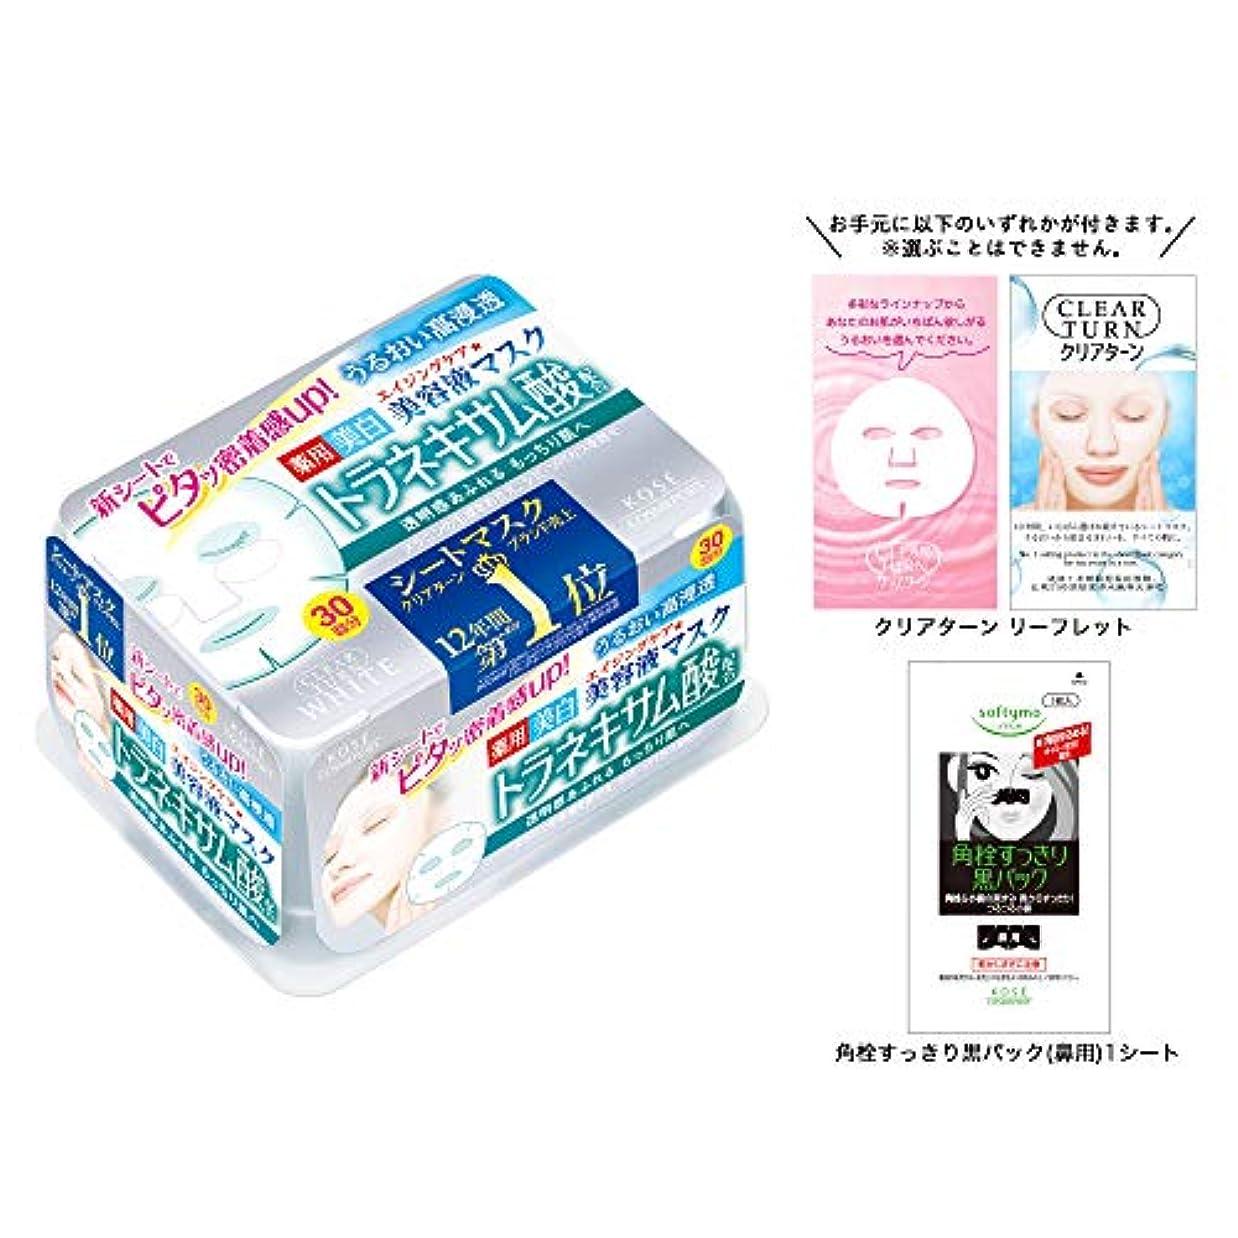 振る舞い重々しい爆発物【Amazon.co.jp限定】KOSE コーセー クリアターン エッセンス マスク (トラネキサム酸) 30枚 おまけ付 フェイスマスク (医薬部外品)